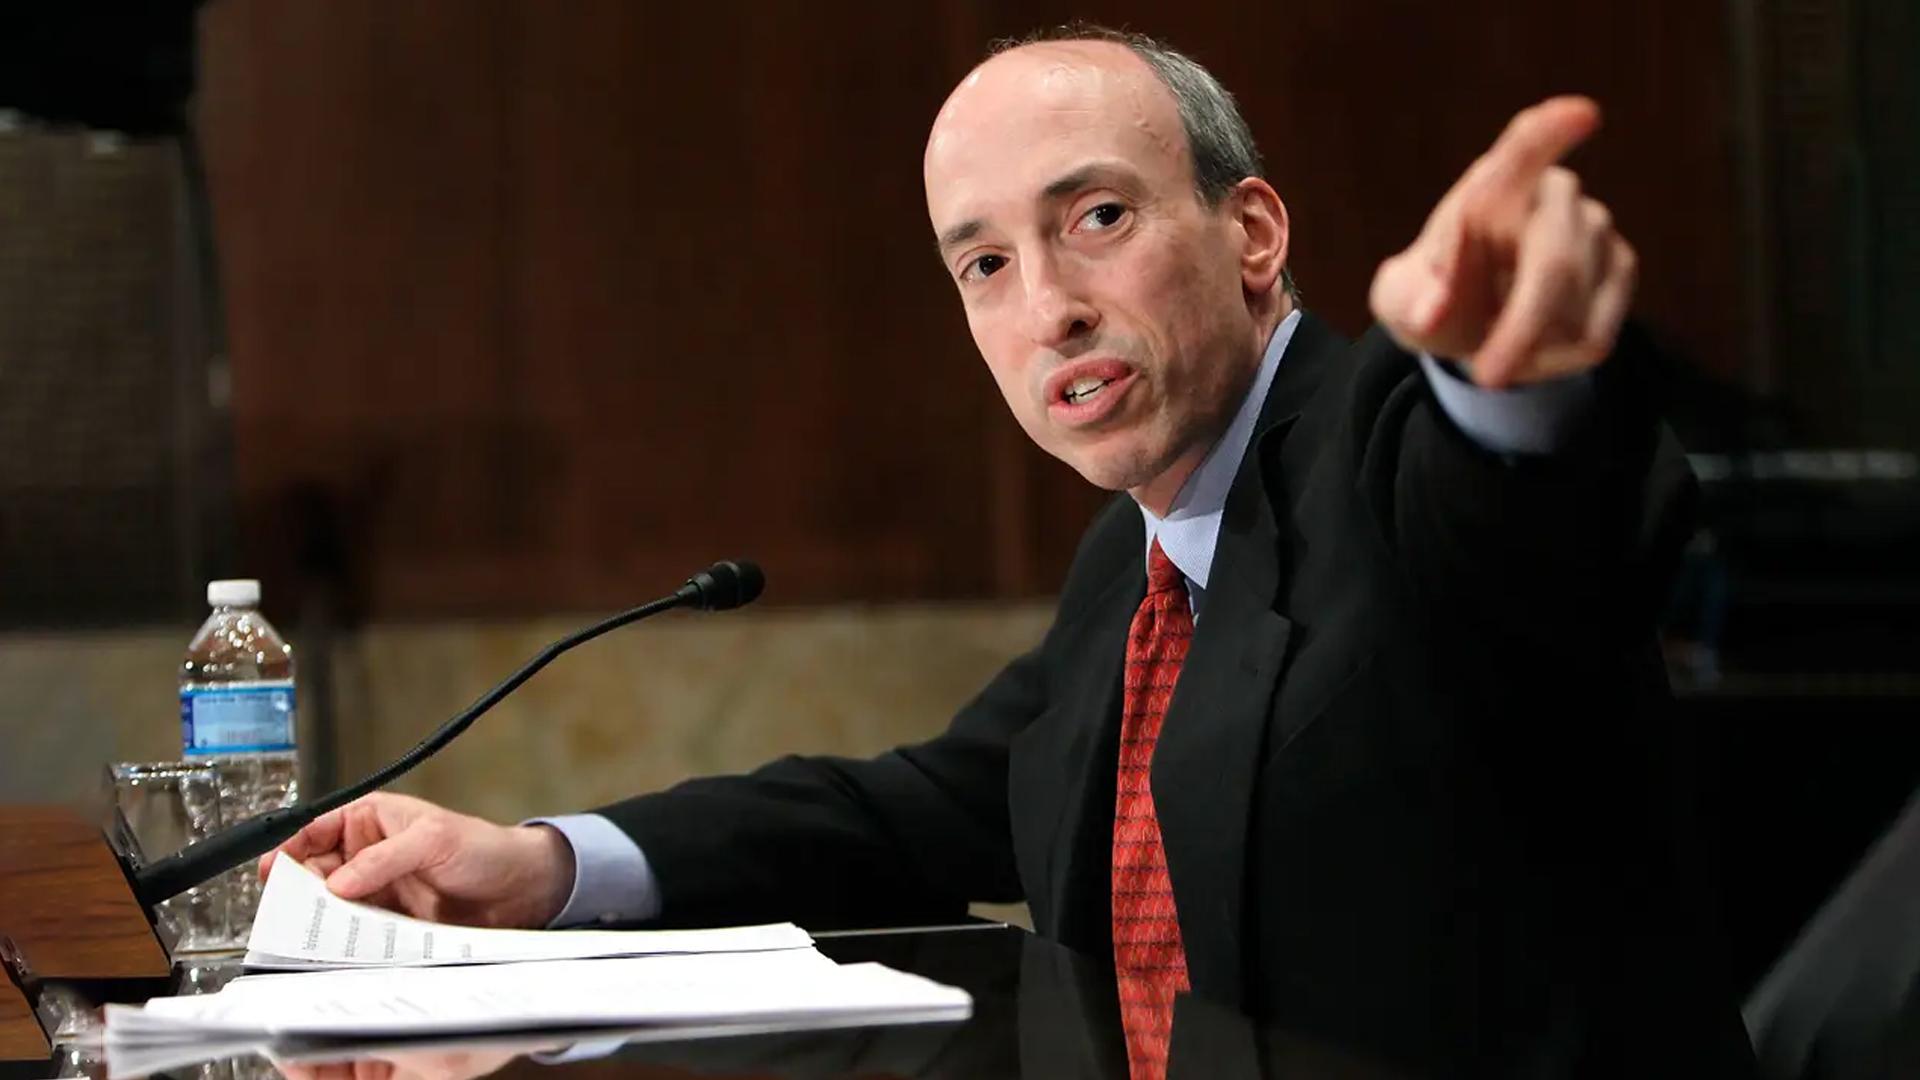 جنسلر SEC به وارن می گوید: سرمایه گذاران رمزنگاری شده به اندازه کافی محافظت نمی شوند